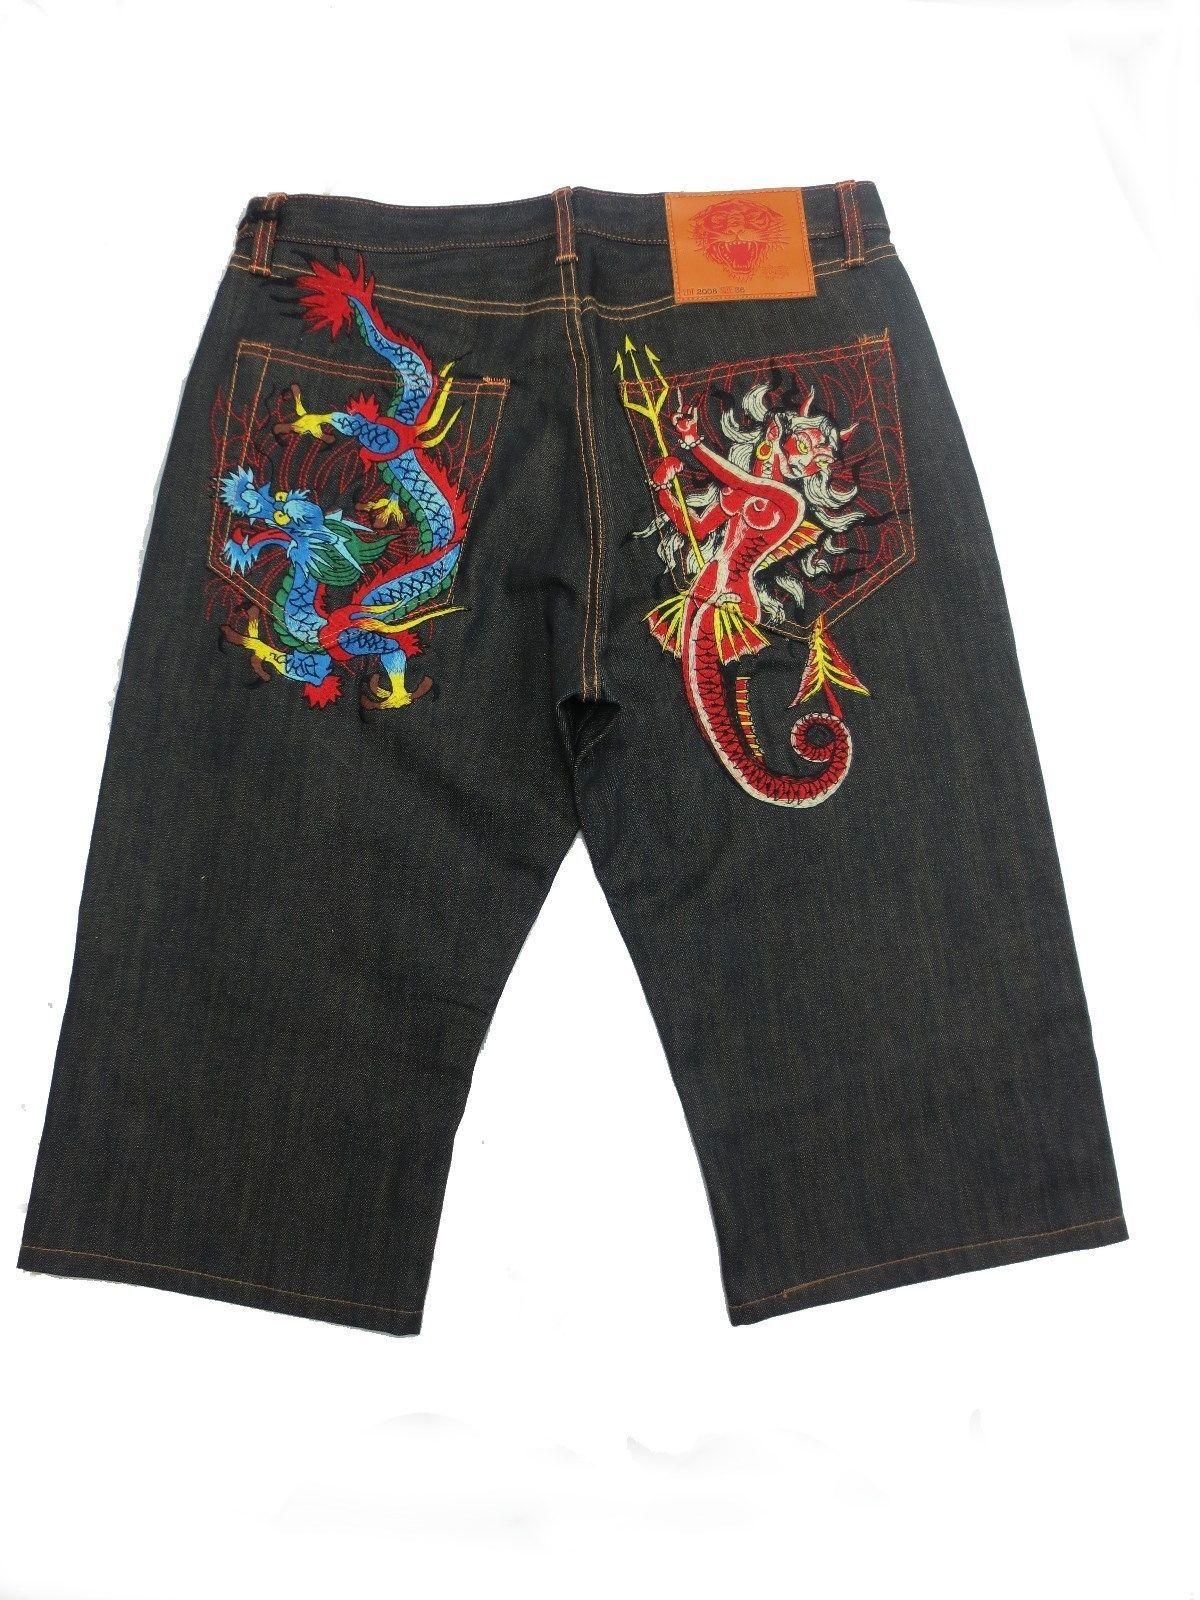 Arrested Mens Designer Slim Stretch Vintage Chinos /& Denim Jeans Shorts